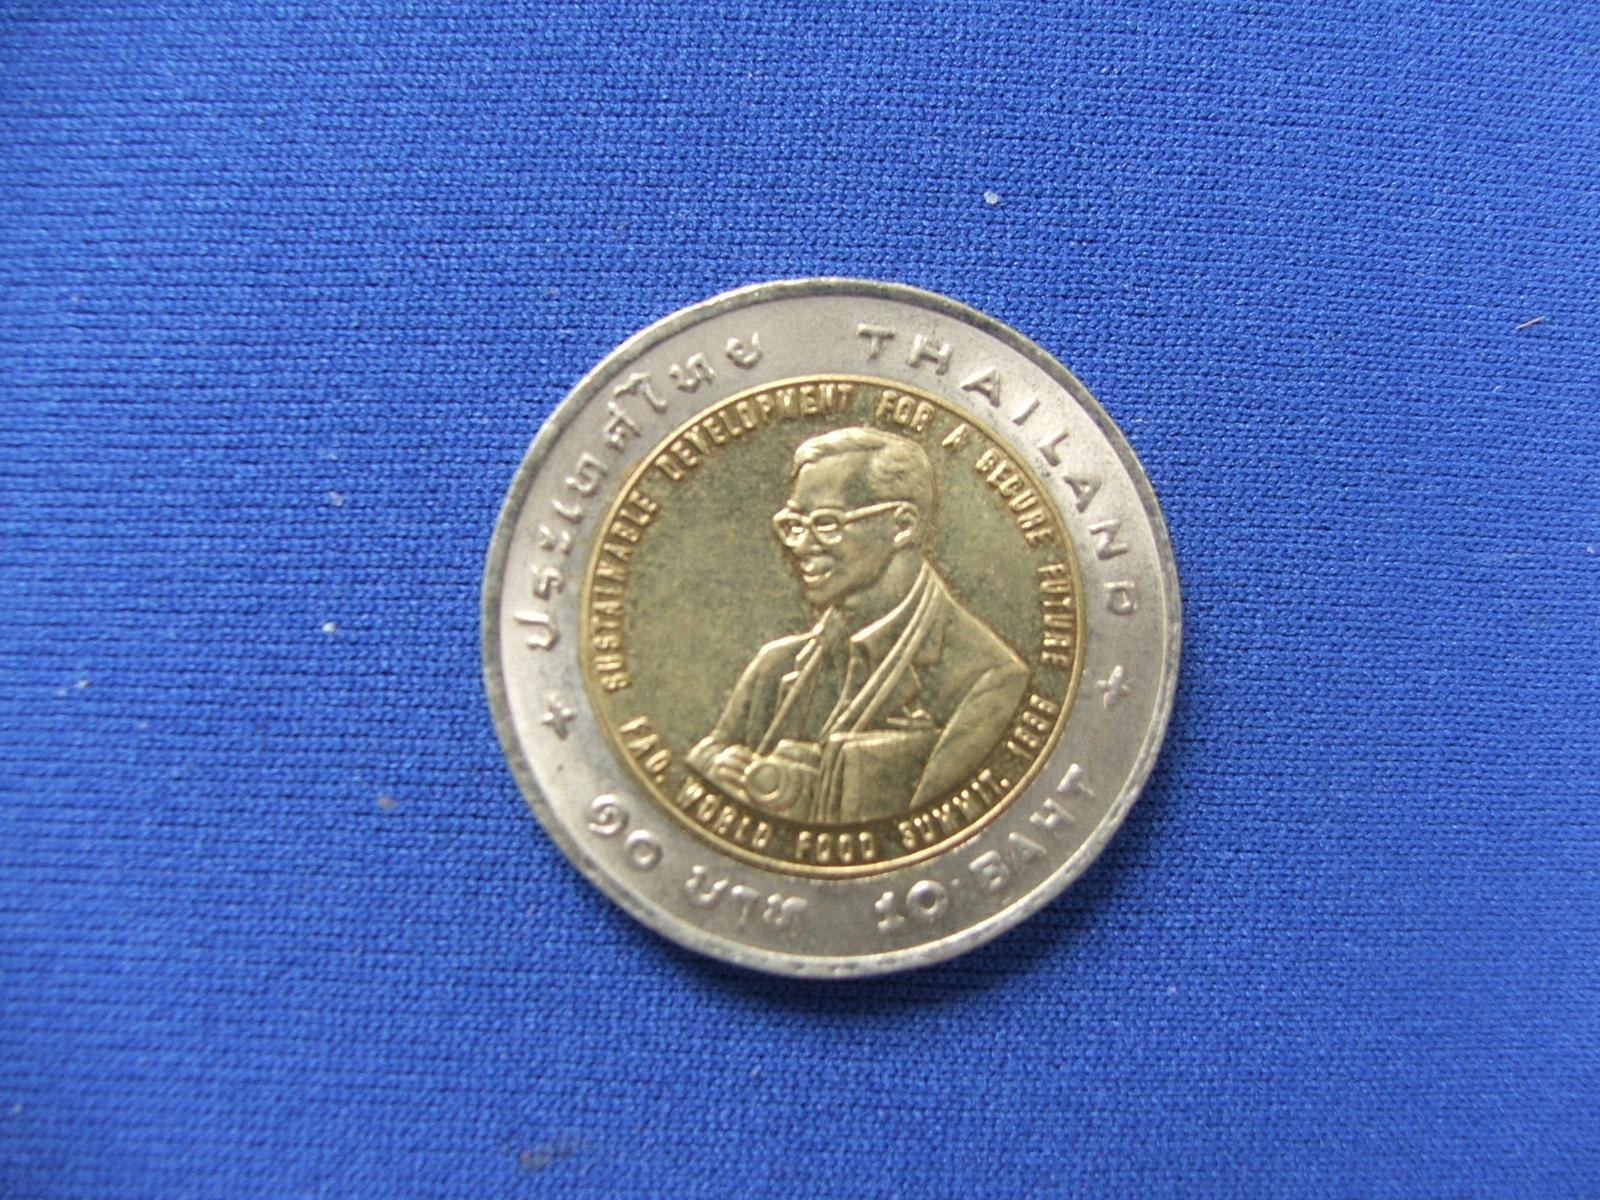 เหรียญ ๑๐ บาท เฉลิมพระเกียรติในการพัฒนาอย่างยั่งยืนเพื่ออนาคตอันมั่นคง ๒๕๓๘